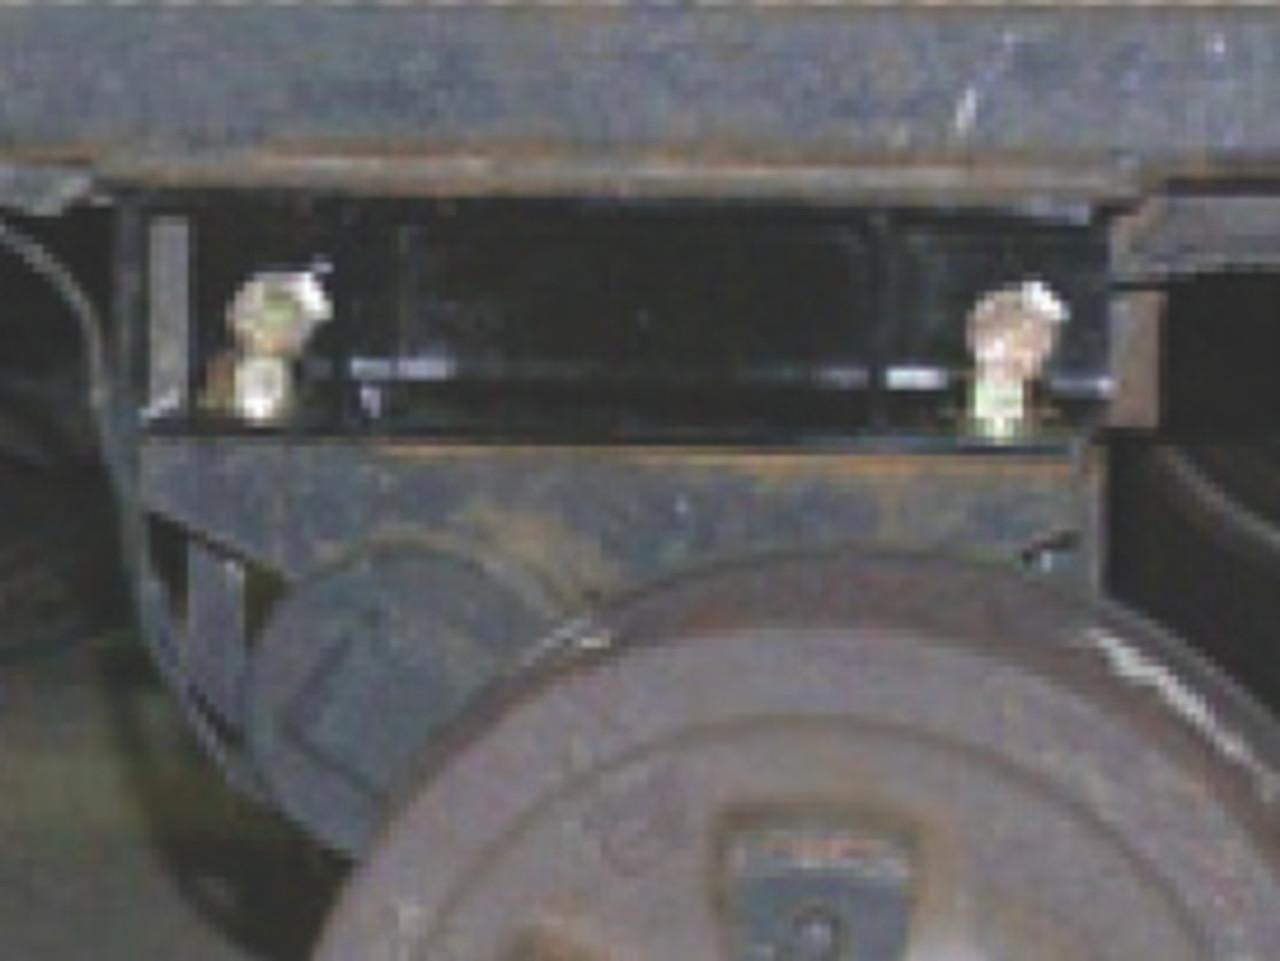 K71-724-02--- Dexter Torflex Lift Kit #11 Torflex Axles